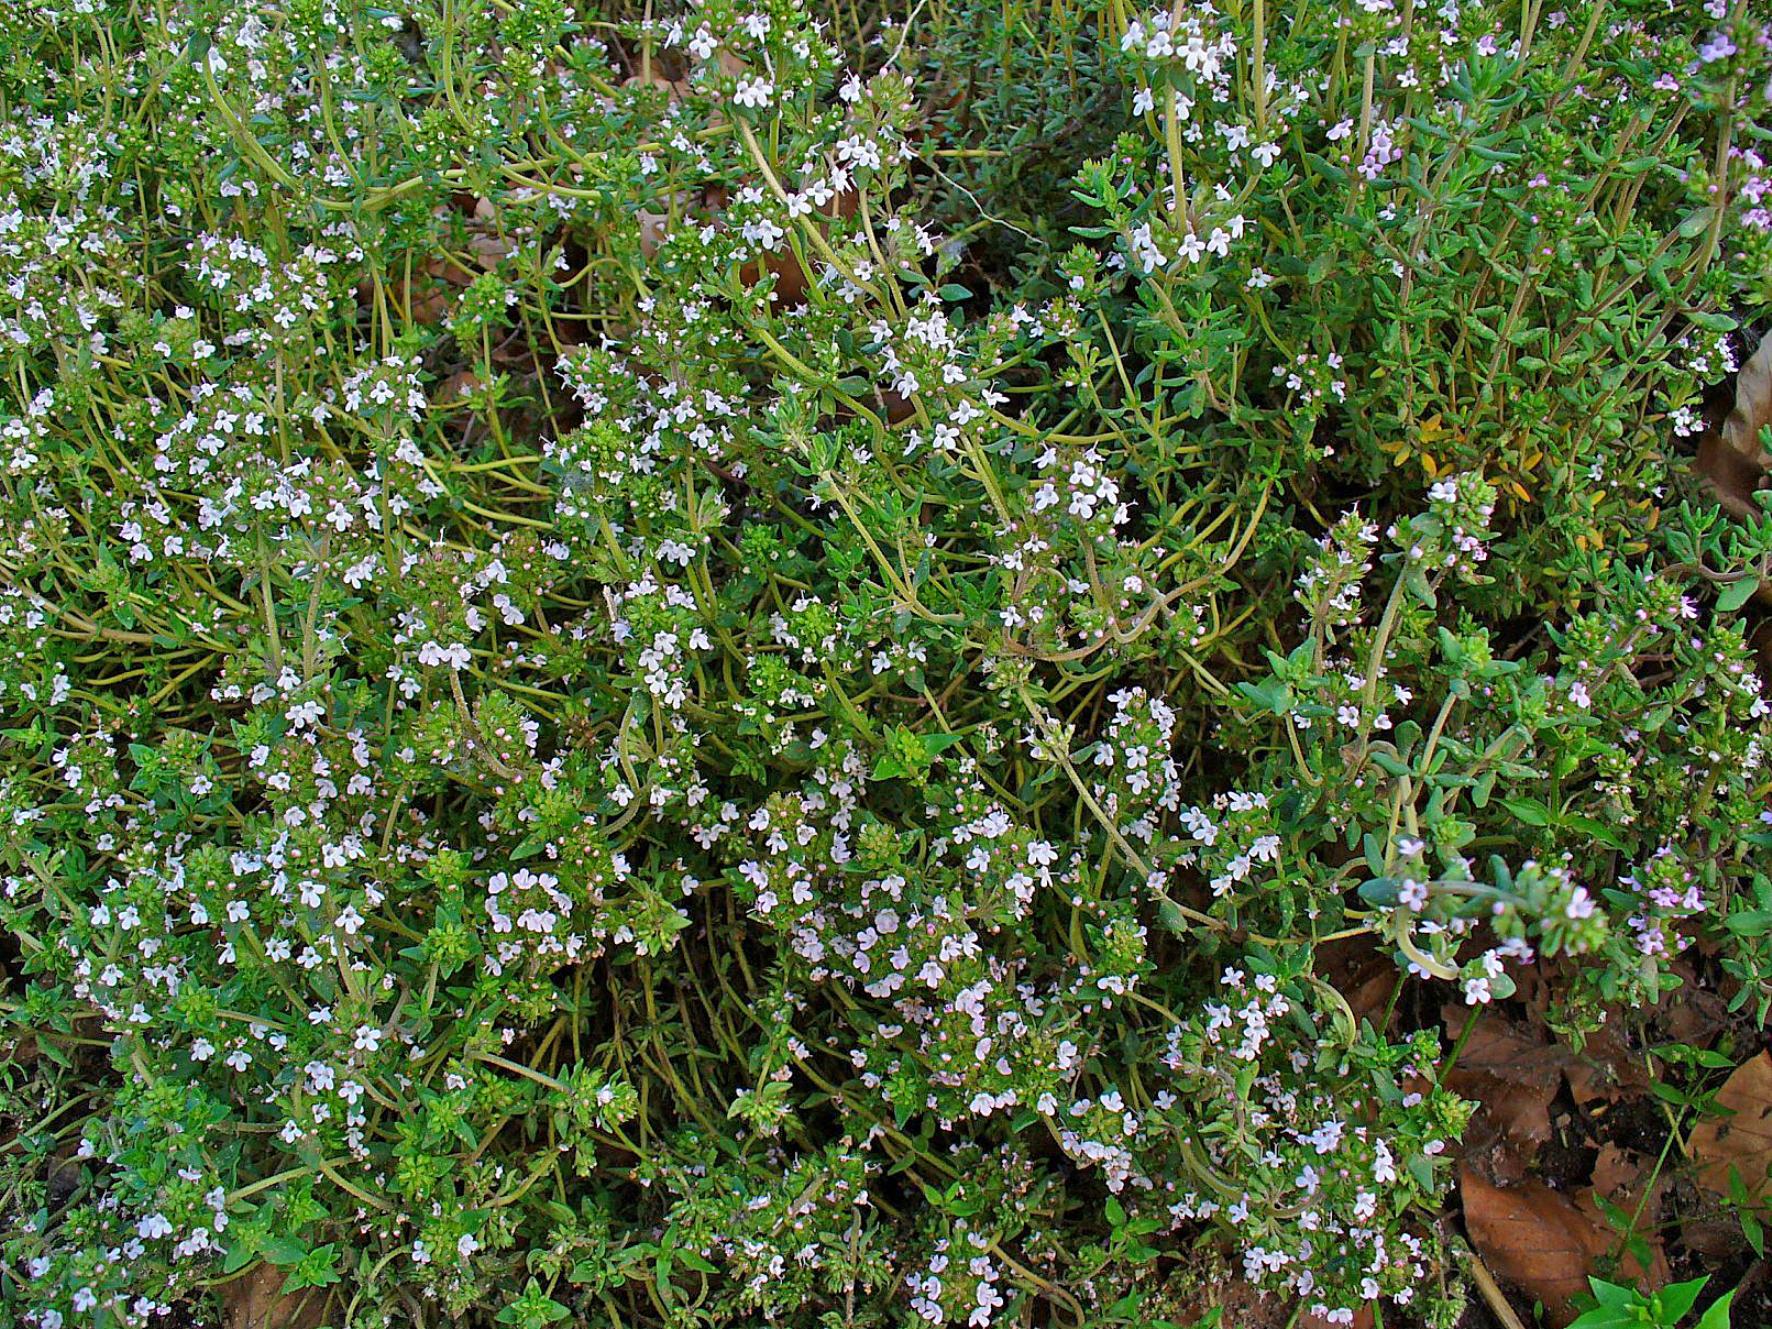 Botiquin Para Baño Casero:Indice por plantas – S T